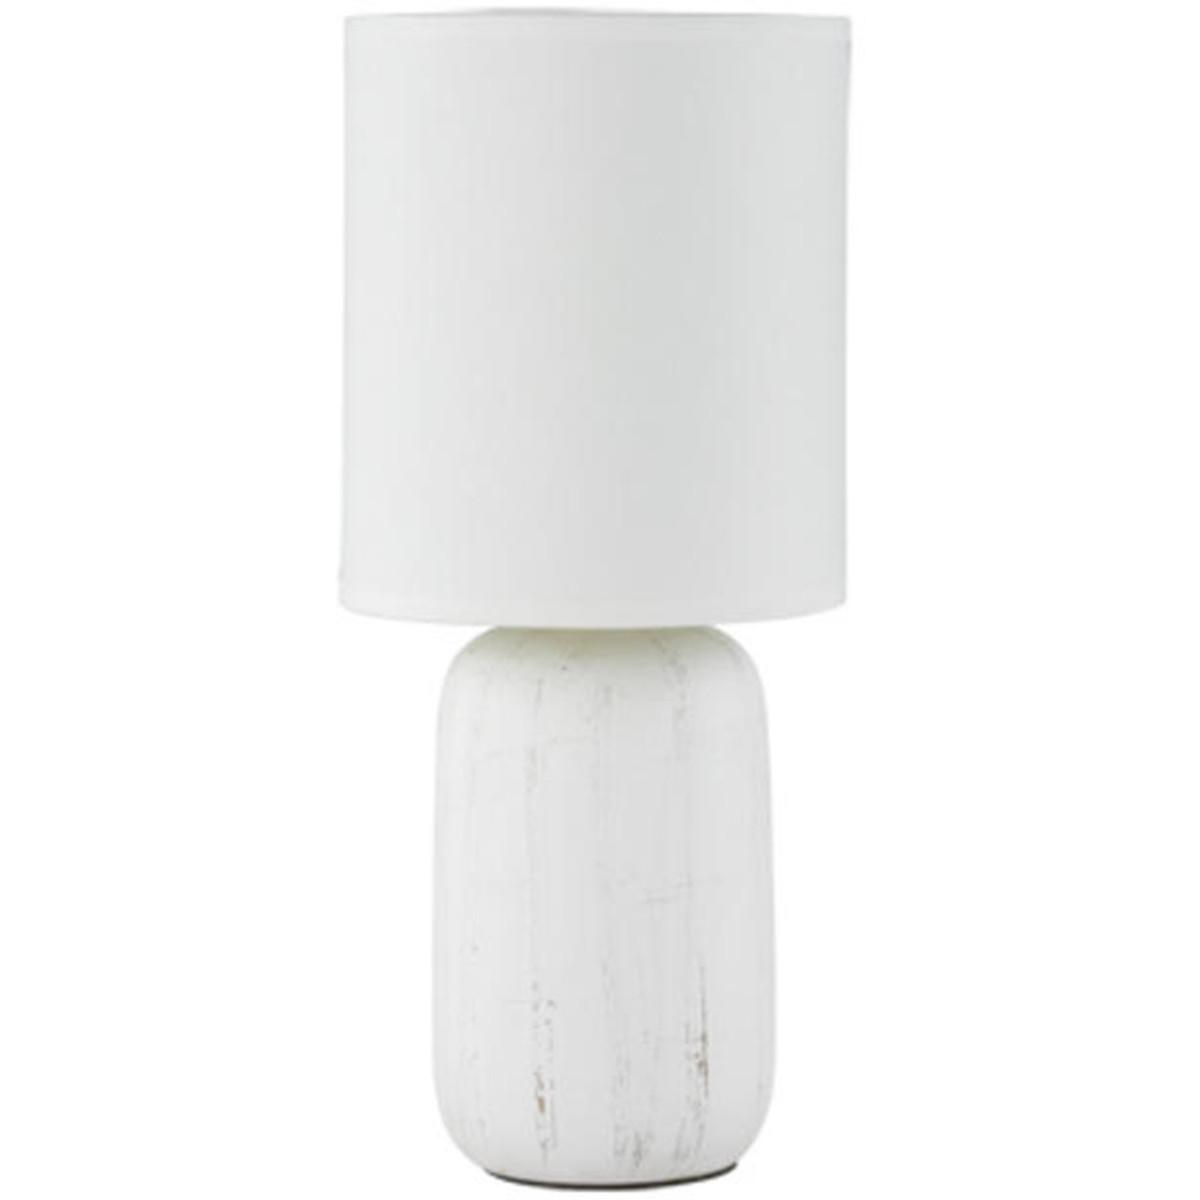 LED Tafellamp - Tafelverlichting - Trion Cleyoni - E14 Fitting - Rond - Mat Wit - Keramiek